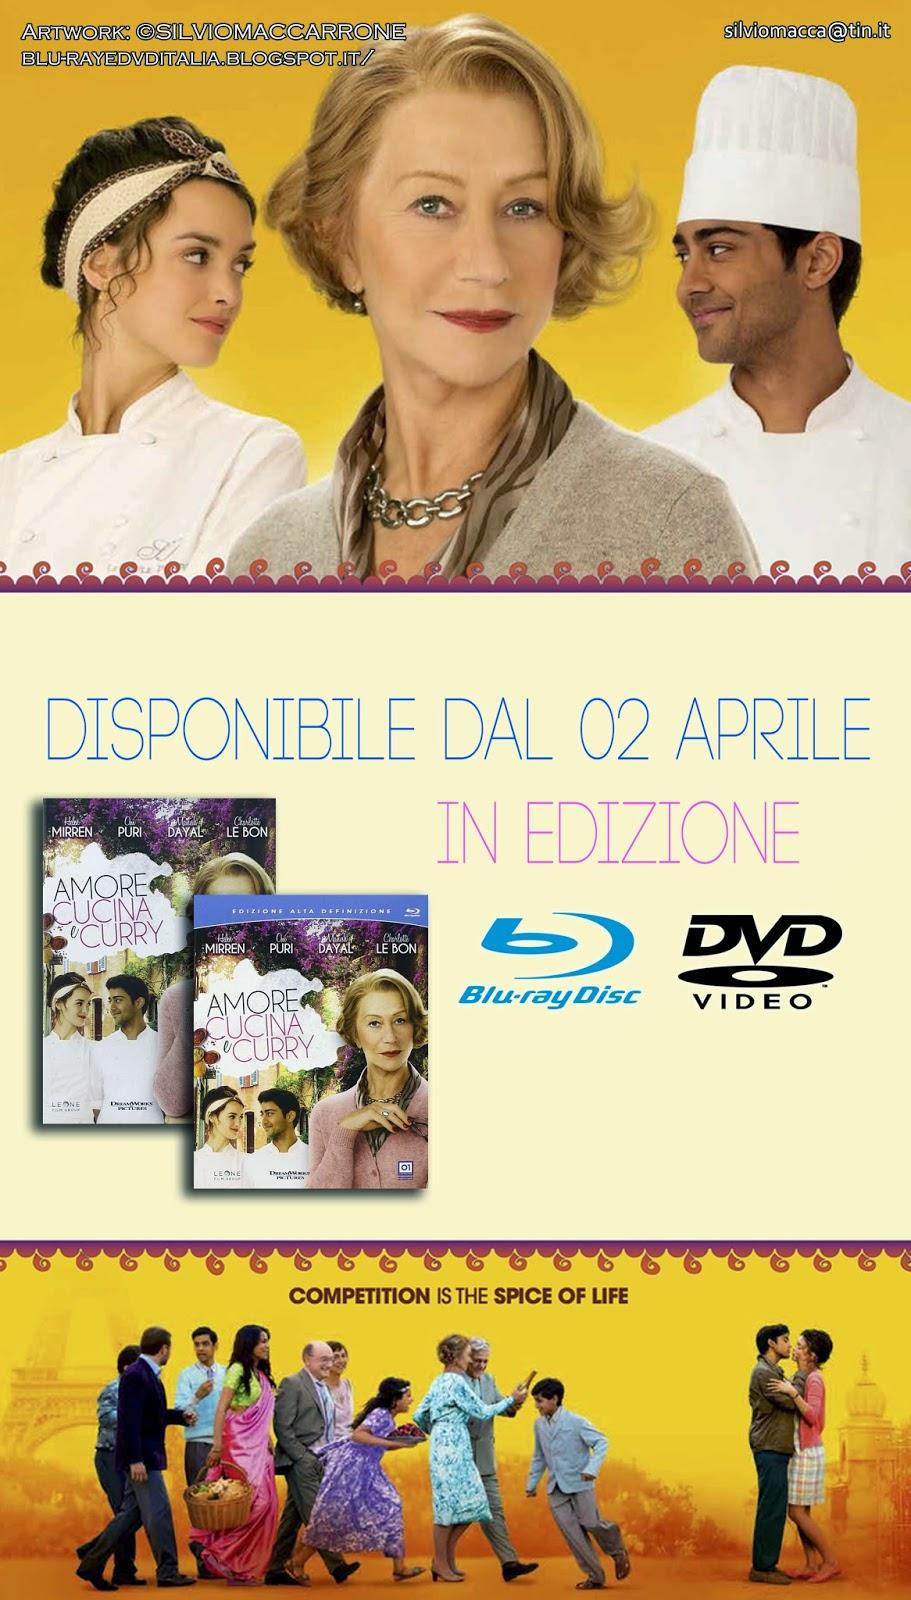 Blu Ray Dvd Italia Amore Cucina E Curry Con Helen Mirren Disponibile In Edizione Blu Ray E Dvd Dal 02 Aprile 2015